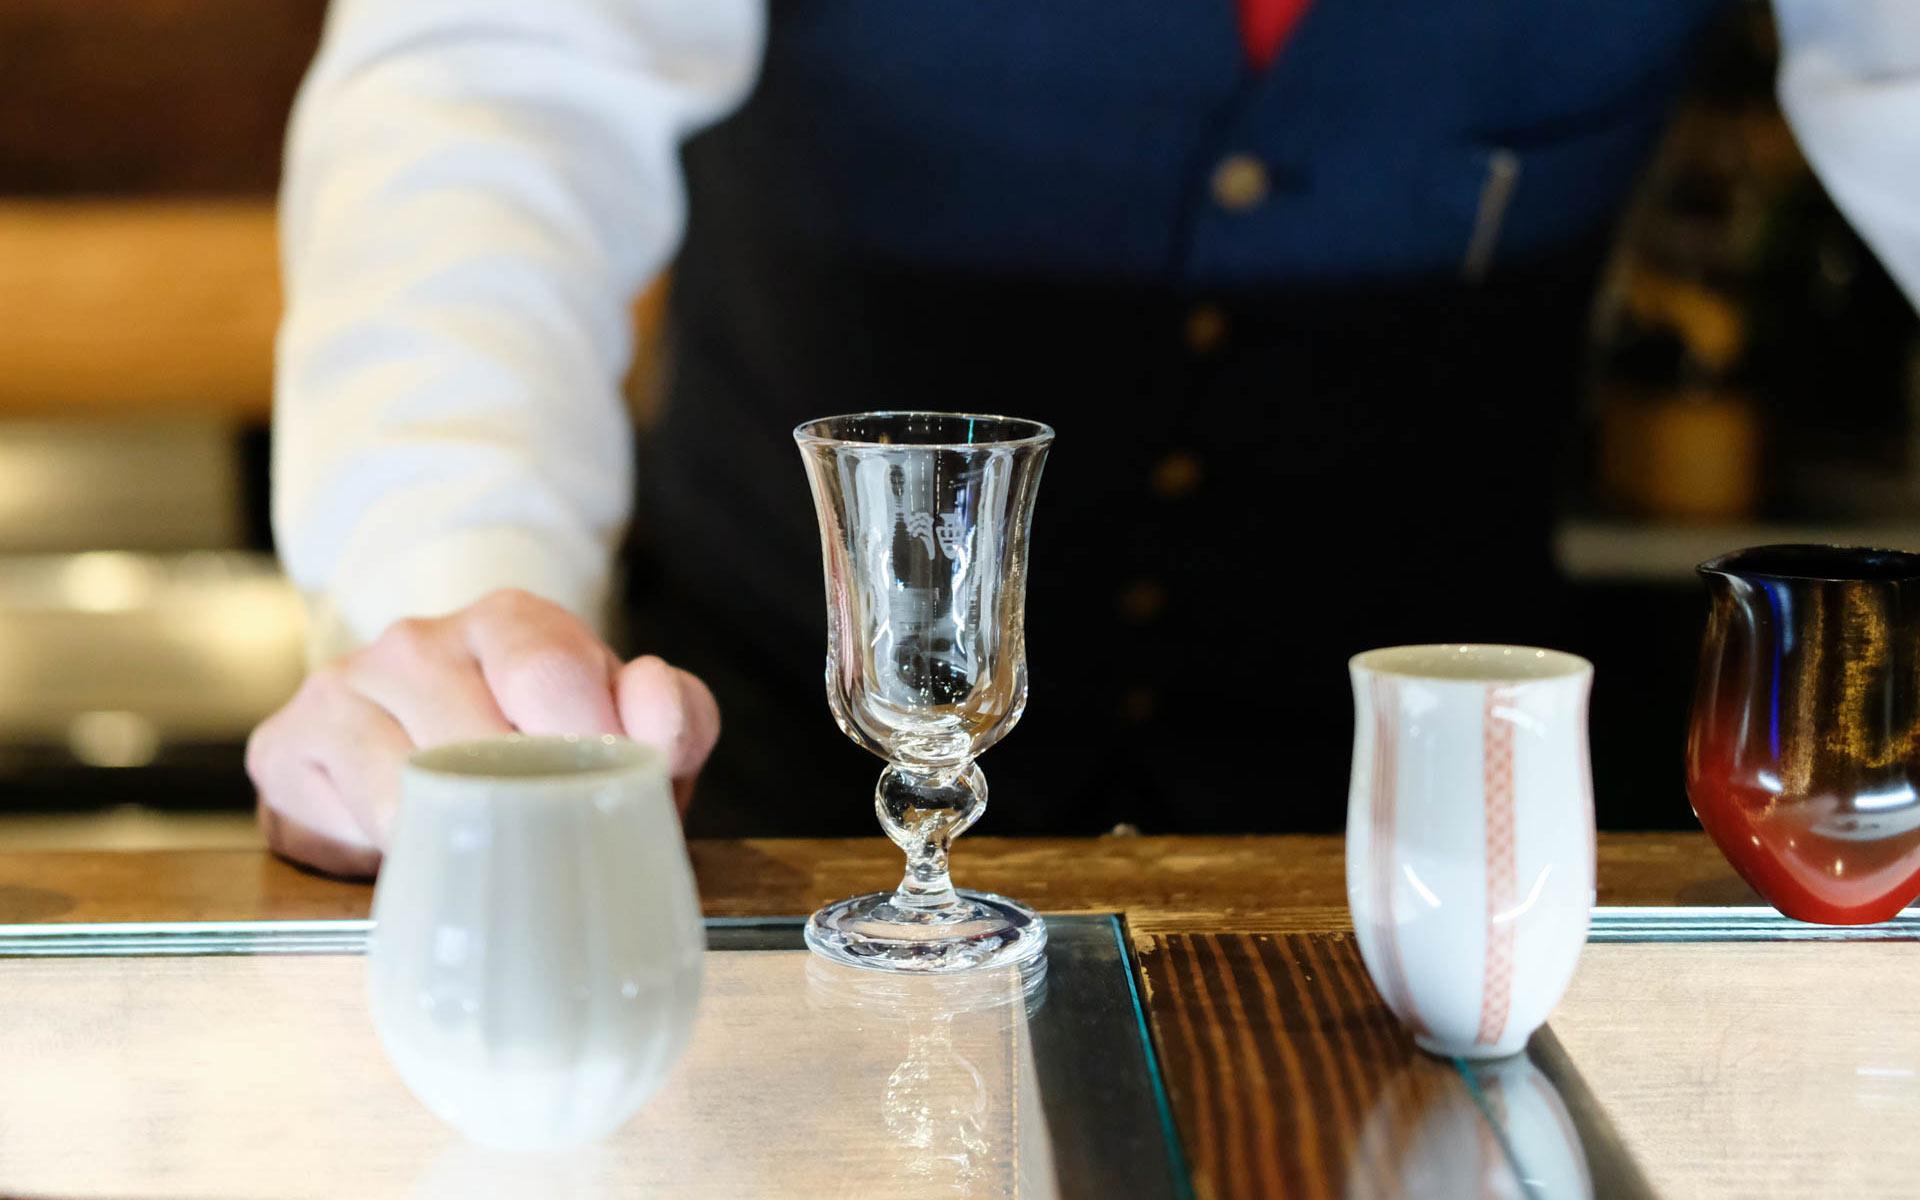 地酒を地元作家の酒器で飲むと、なぜ美味しいのか。その理由、加賀・山中温泉の『和酒BAR 縁がわ』で分かります